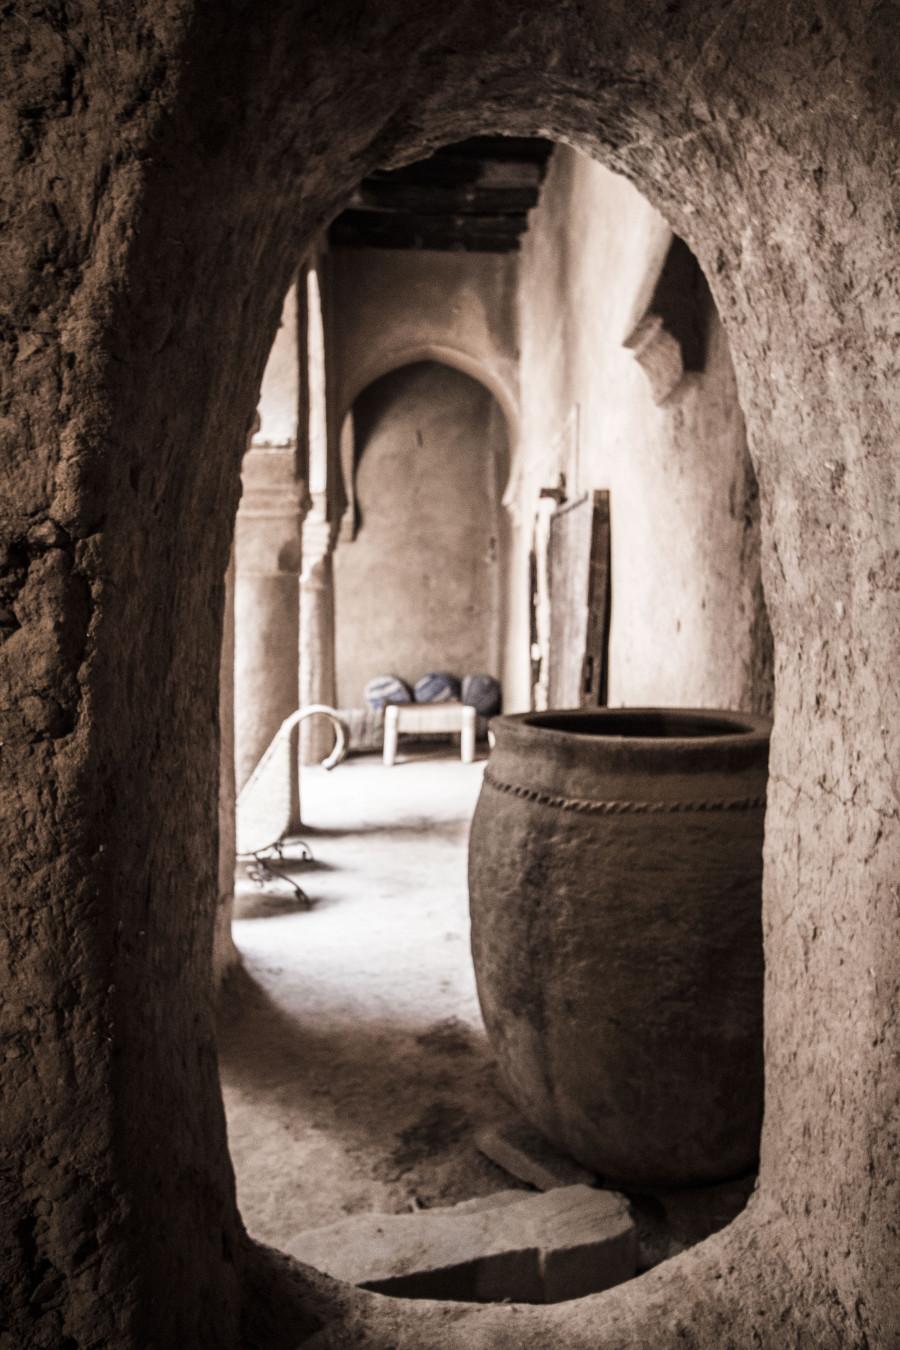 arquitectura de tierra en Marruecos_María Jesús Mora_Arquitecto_fotógrafo Alicante_30